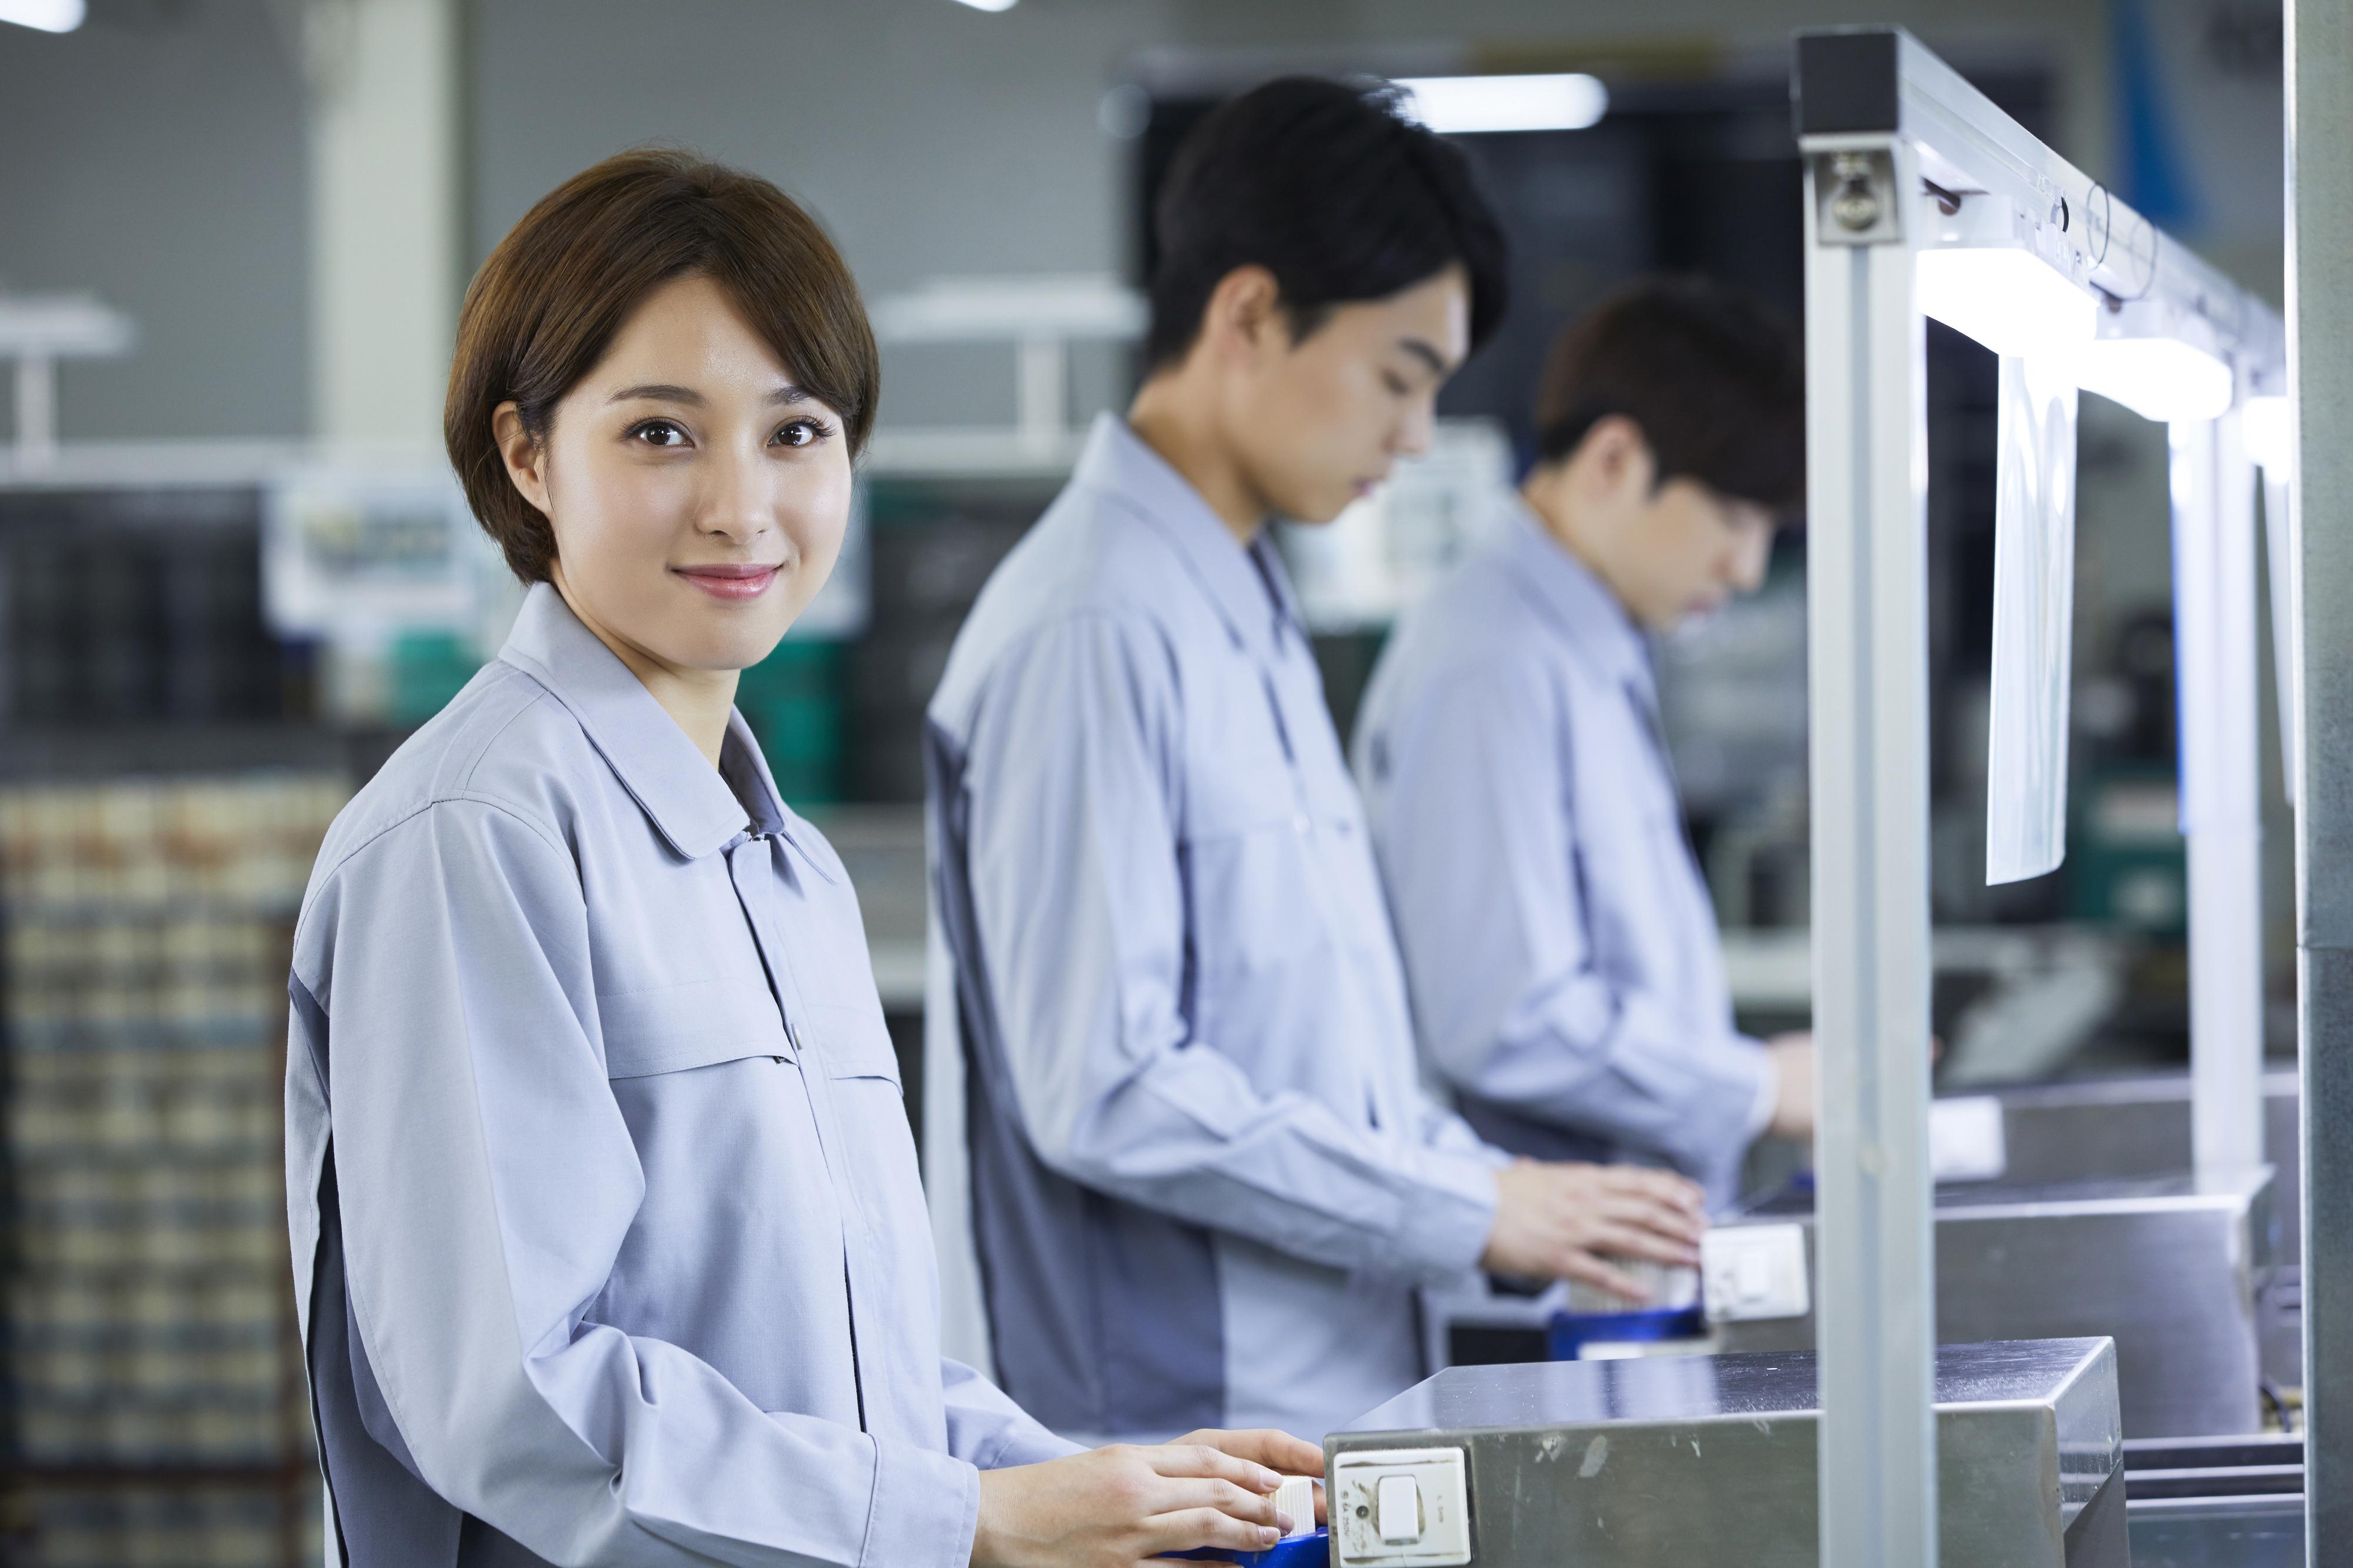 【時給1250円の軽作業】検査・梱包/給与の希望日払い可!